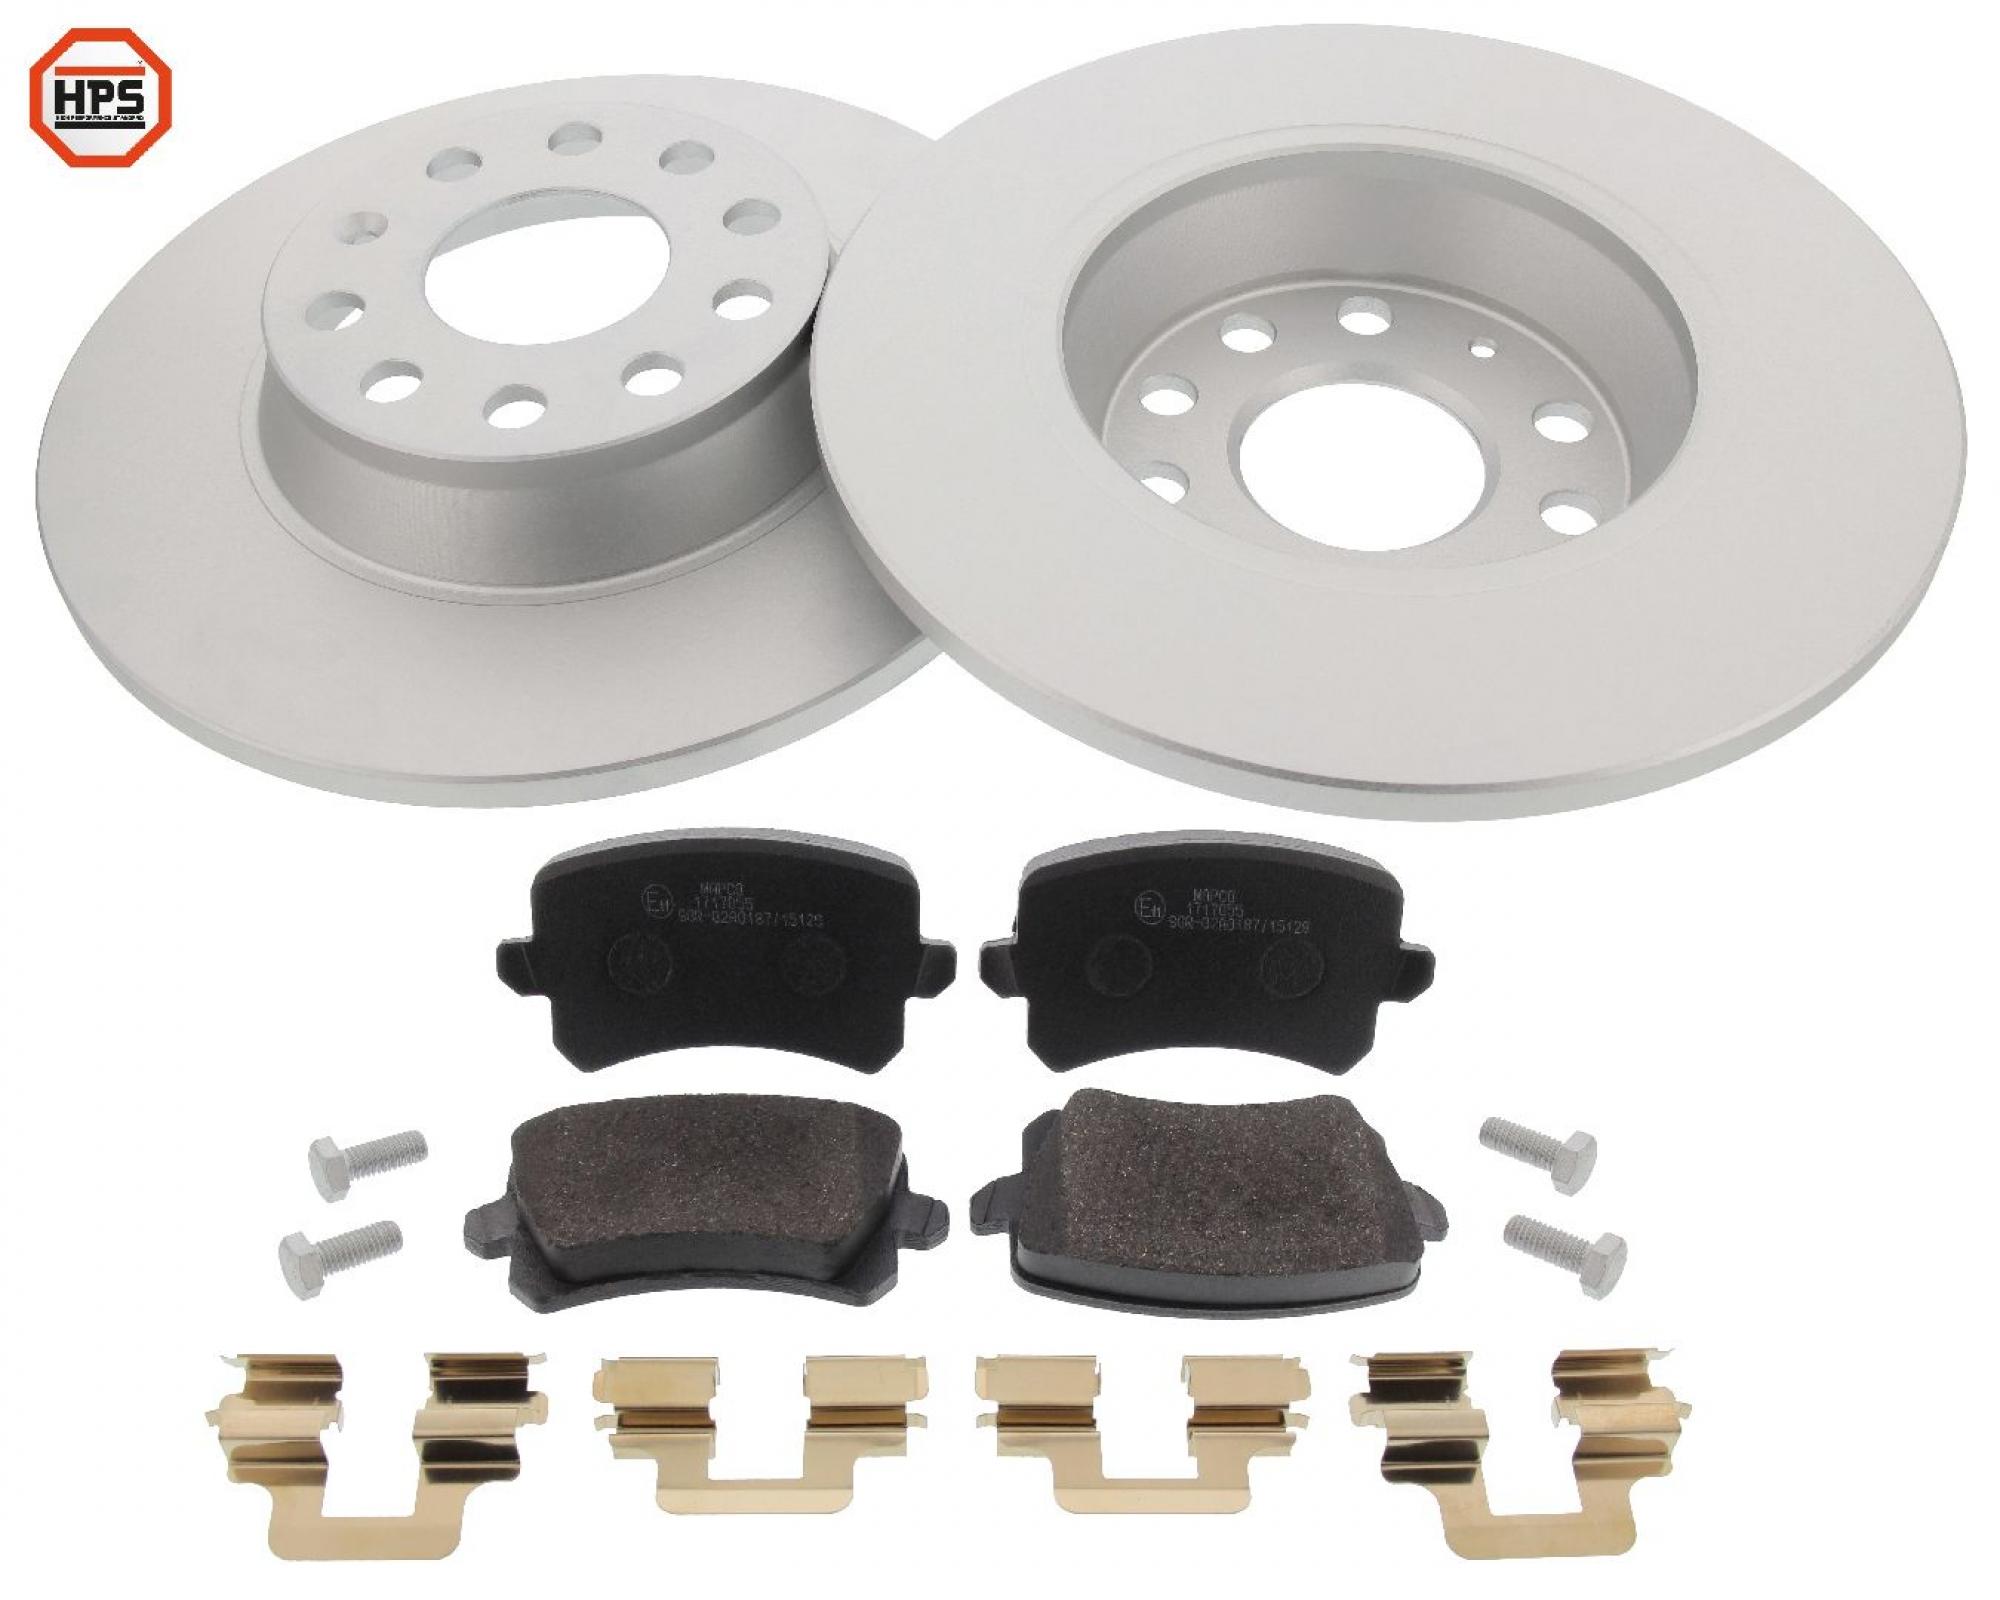 MAPCO 47906HPS brake kit